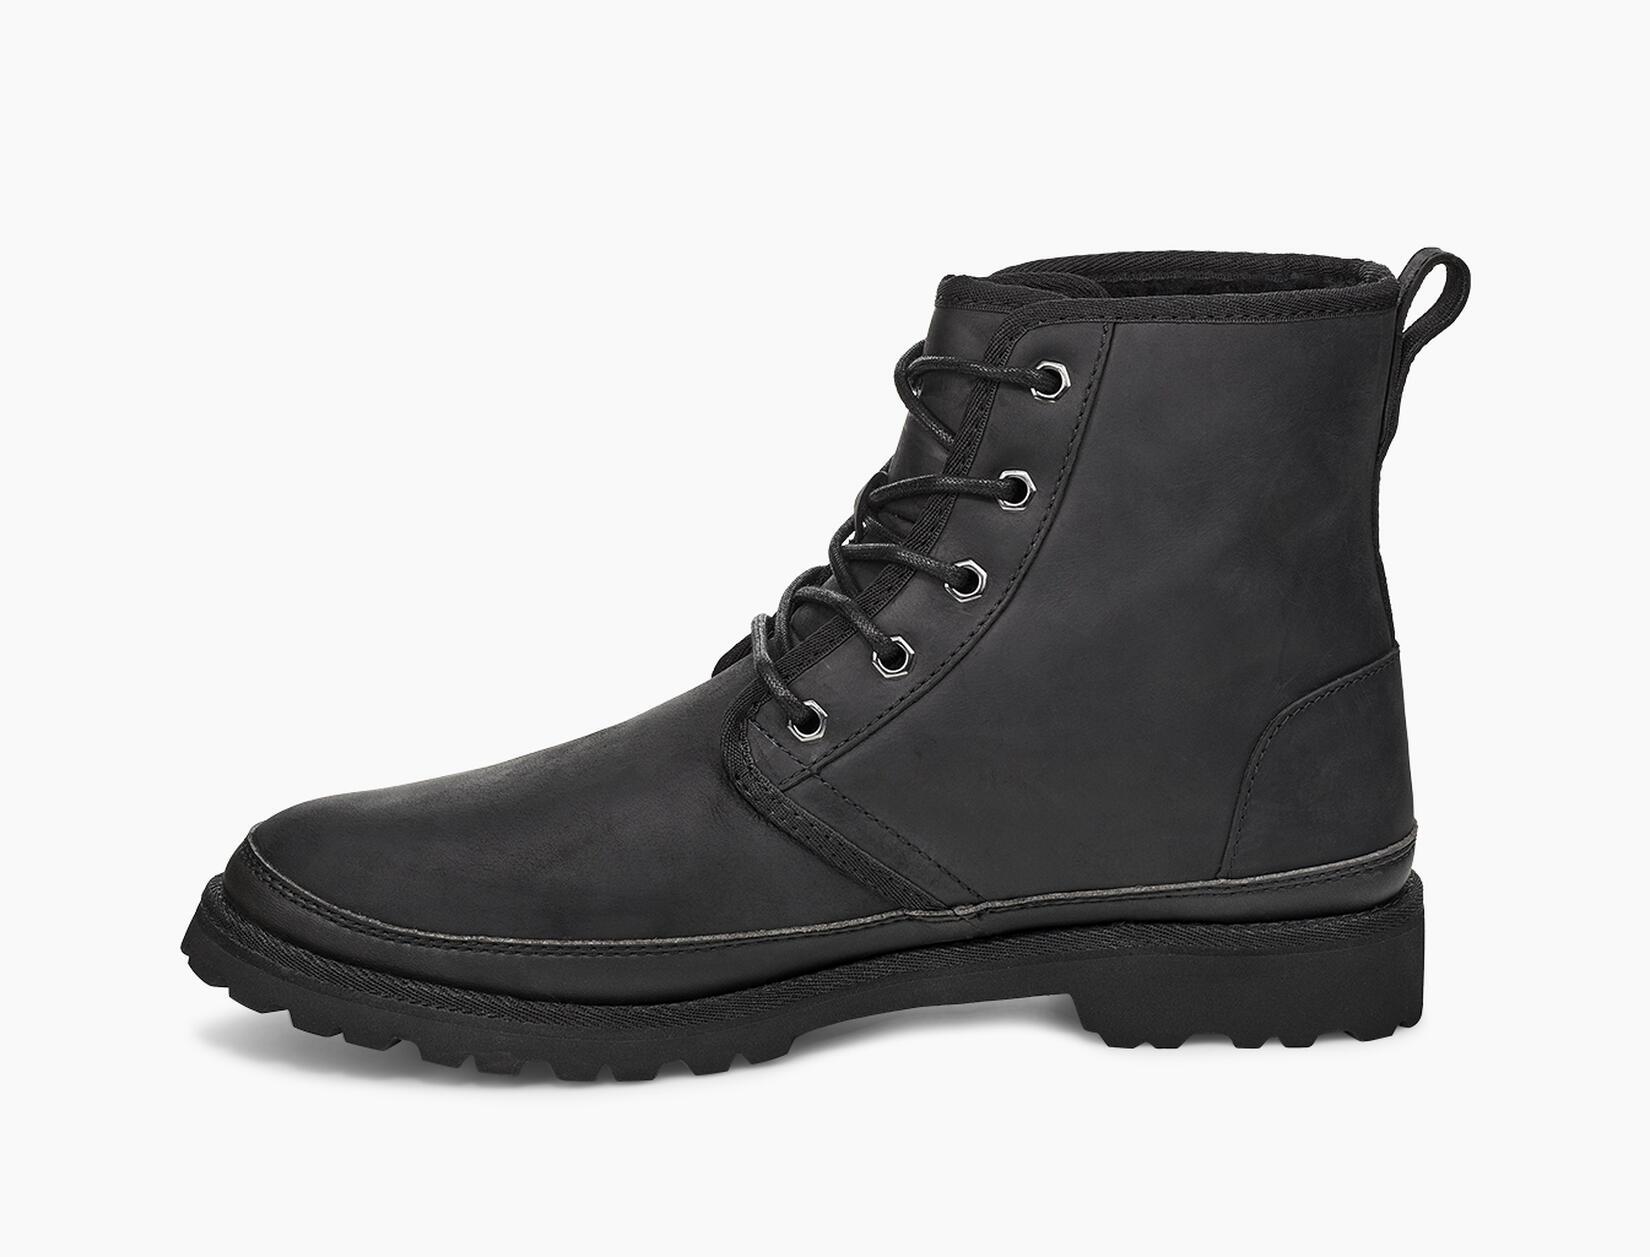 Harkland Waterproof Boot